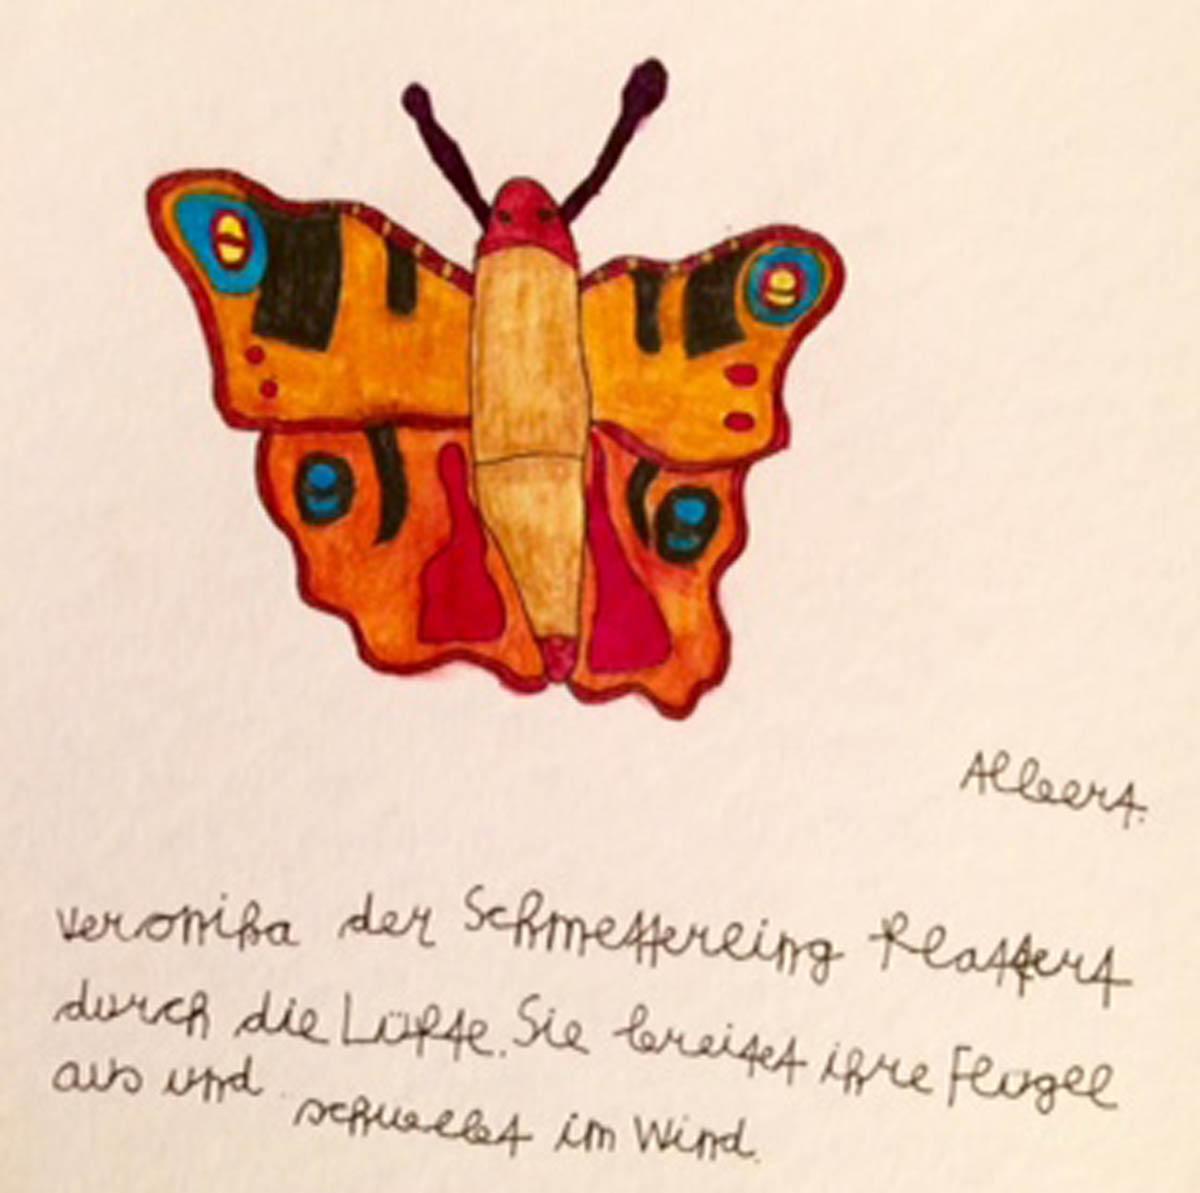 Veronika_der_Schmetterling